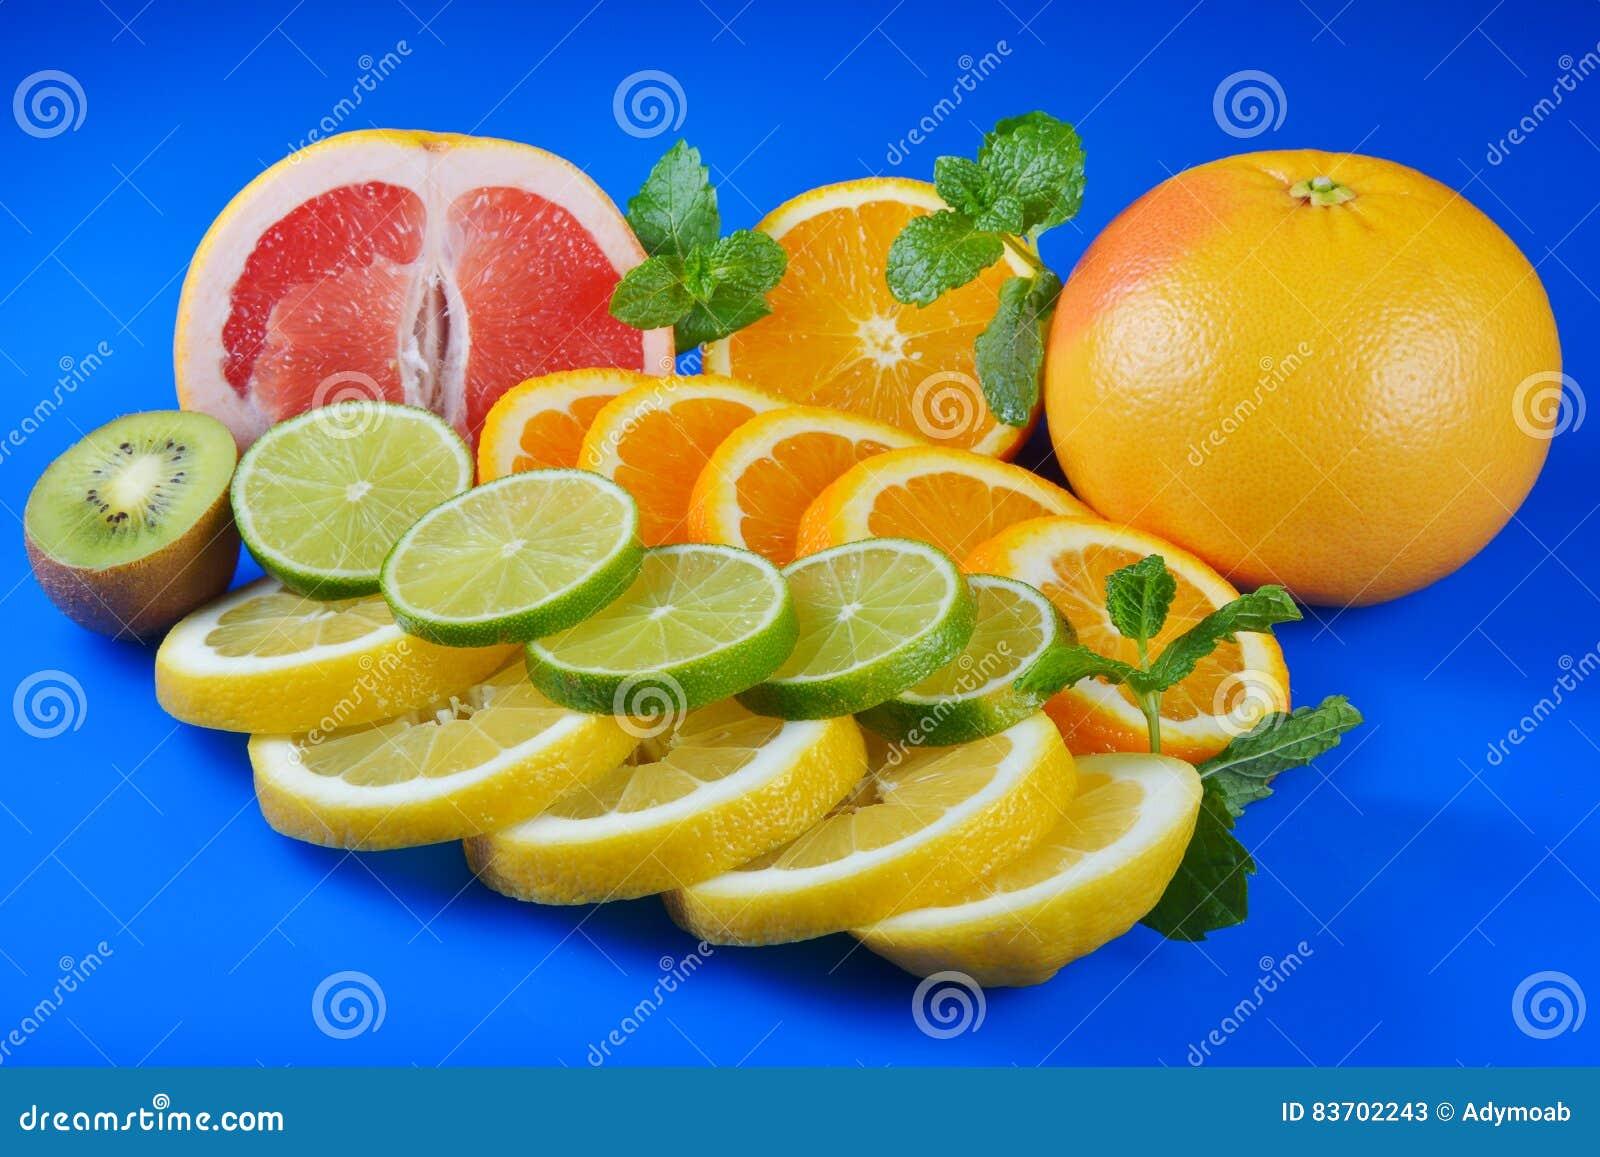 Fresh Citrus Isolated On Blue Background Stock Photo